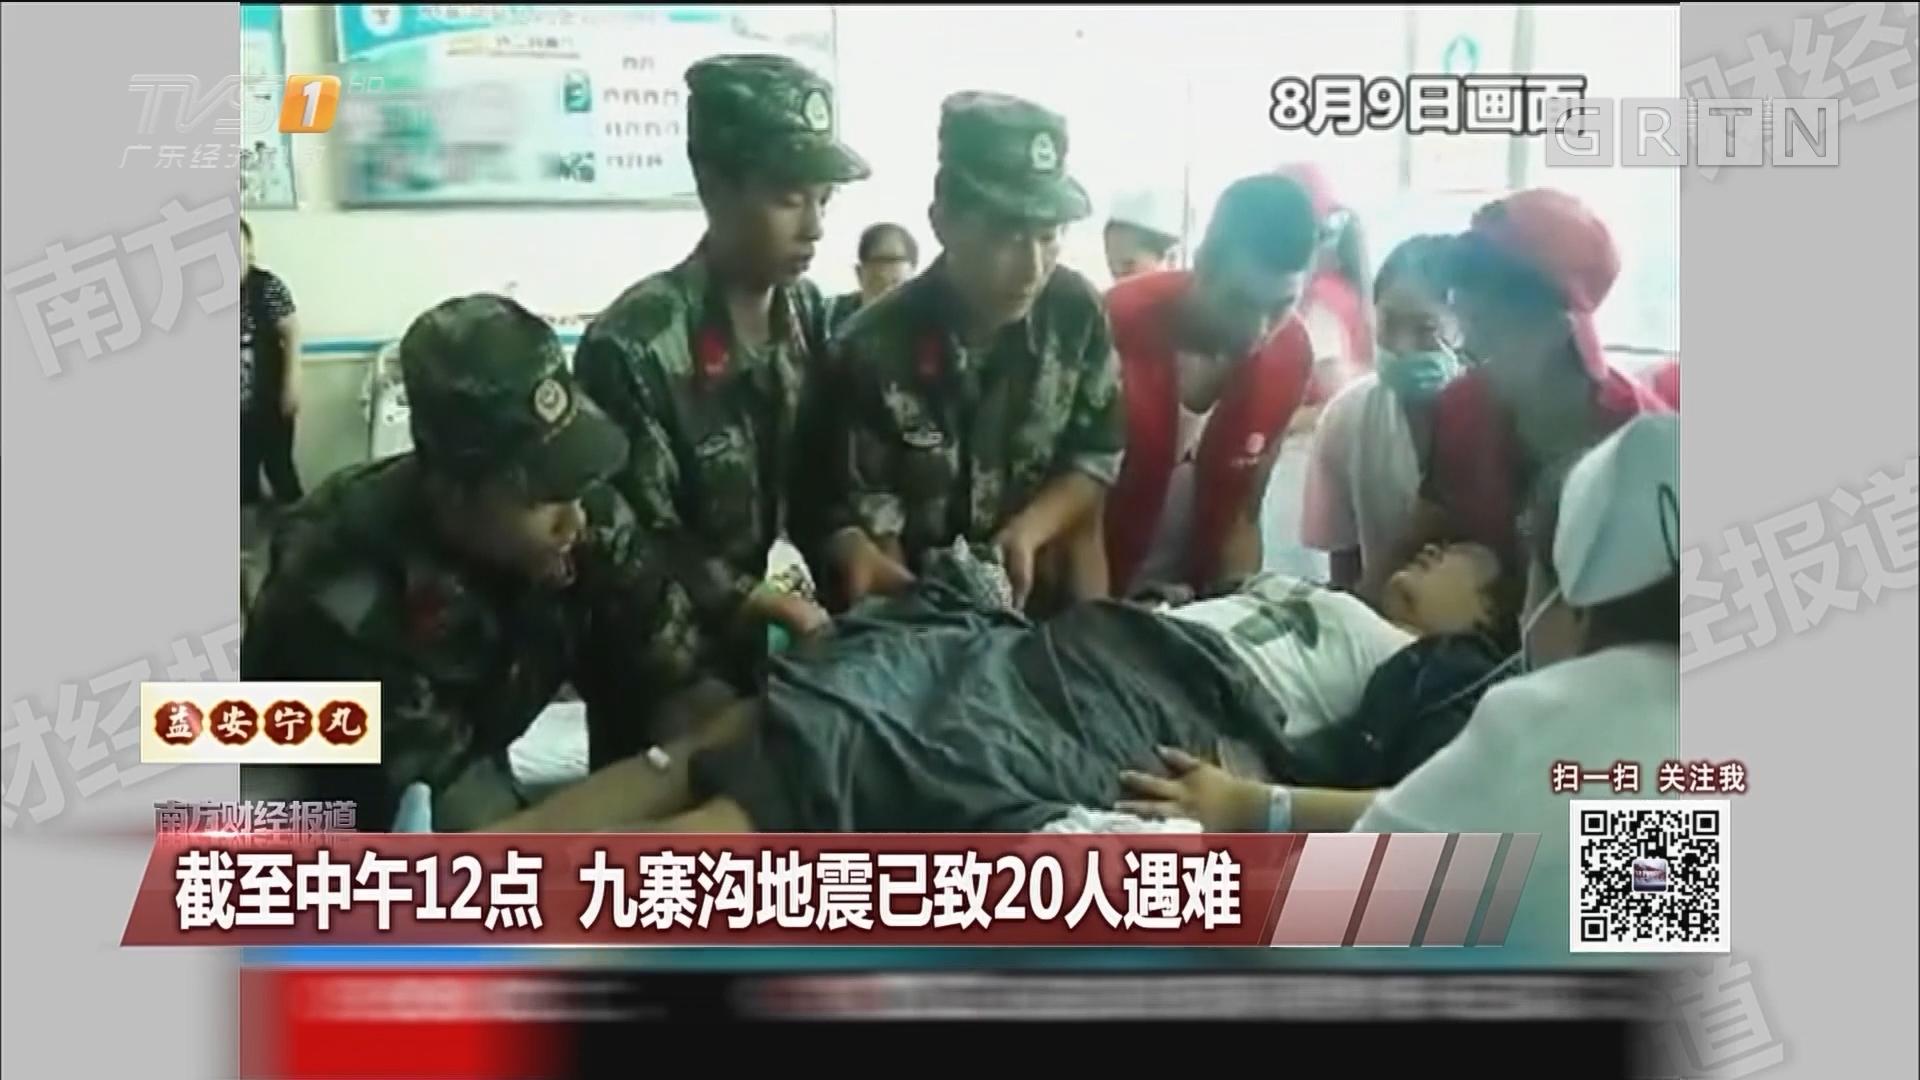 截至中午12点 九寨沟地震已致20人遇难